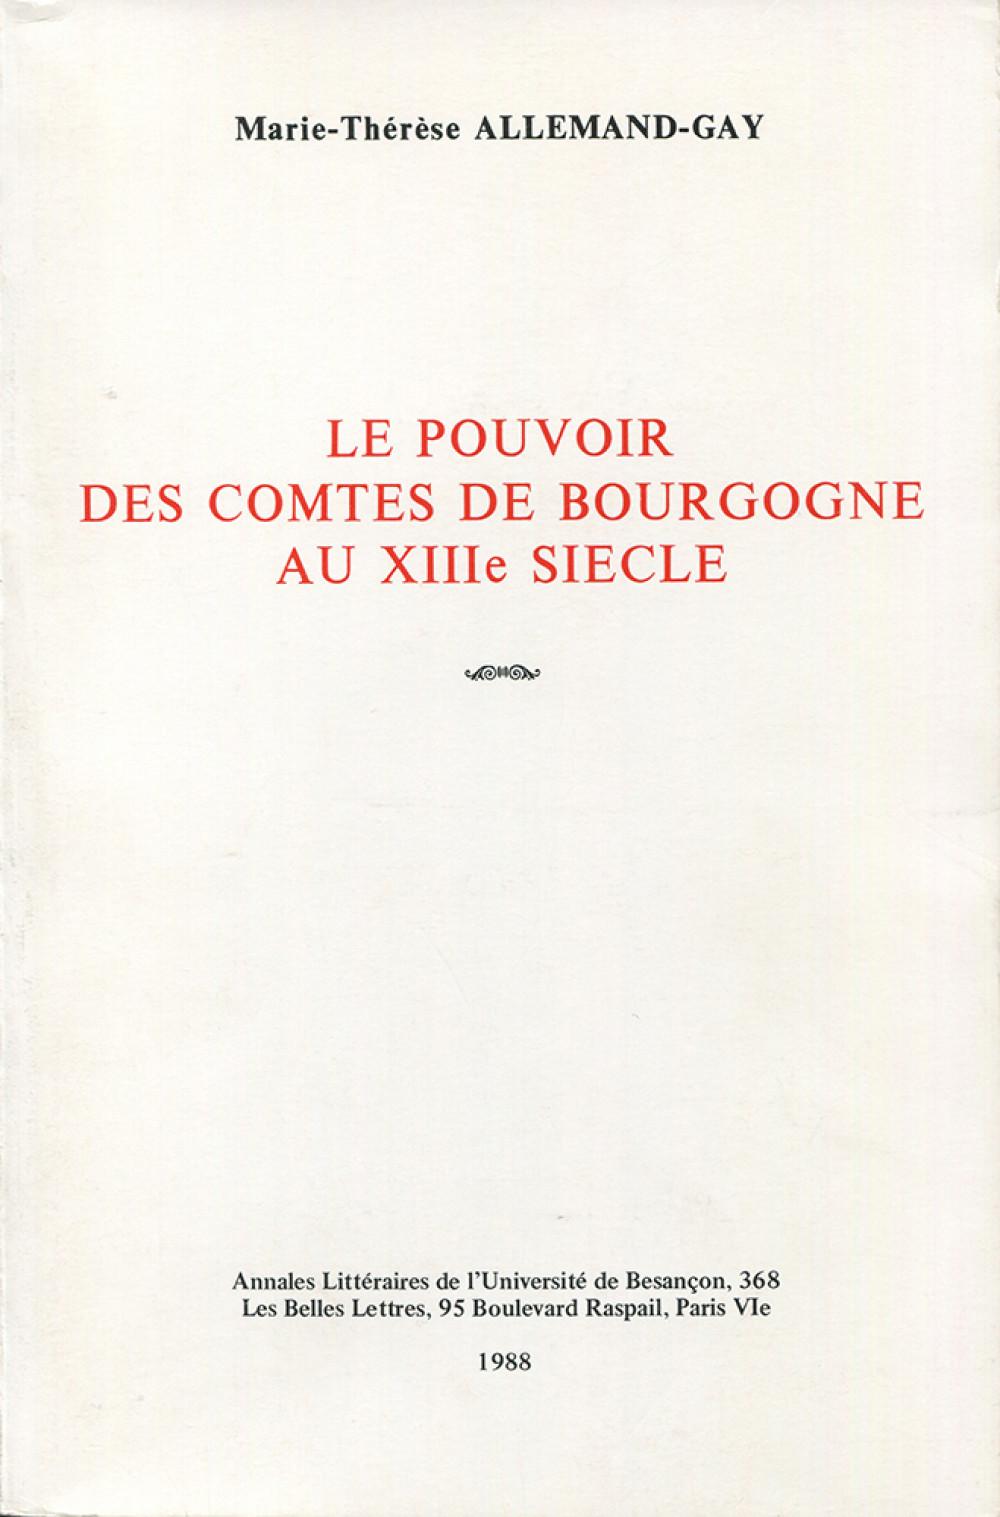 """Le pouvoir des Comtes de Bourgogne au <span style=""""font-variant: small-caps"""">XIII</span><sup>e</sup> siècle"""